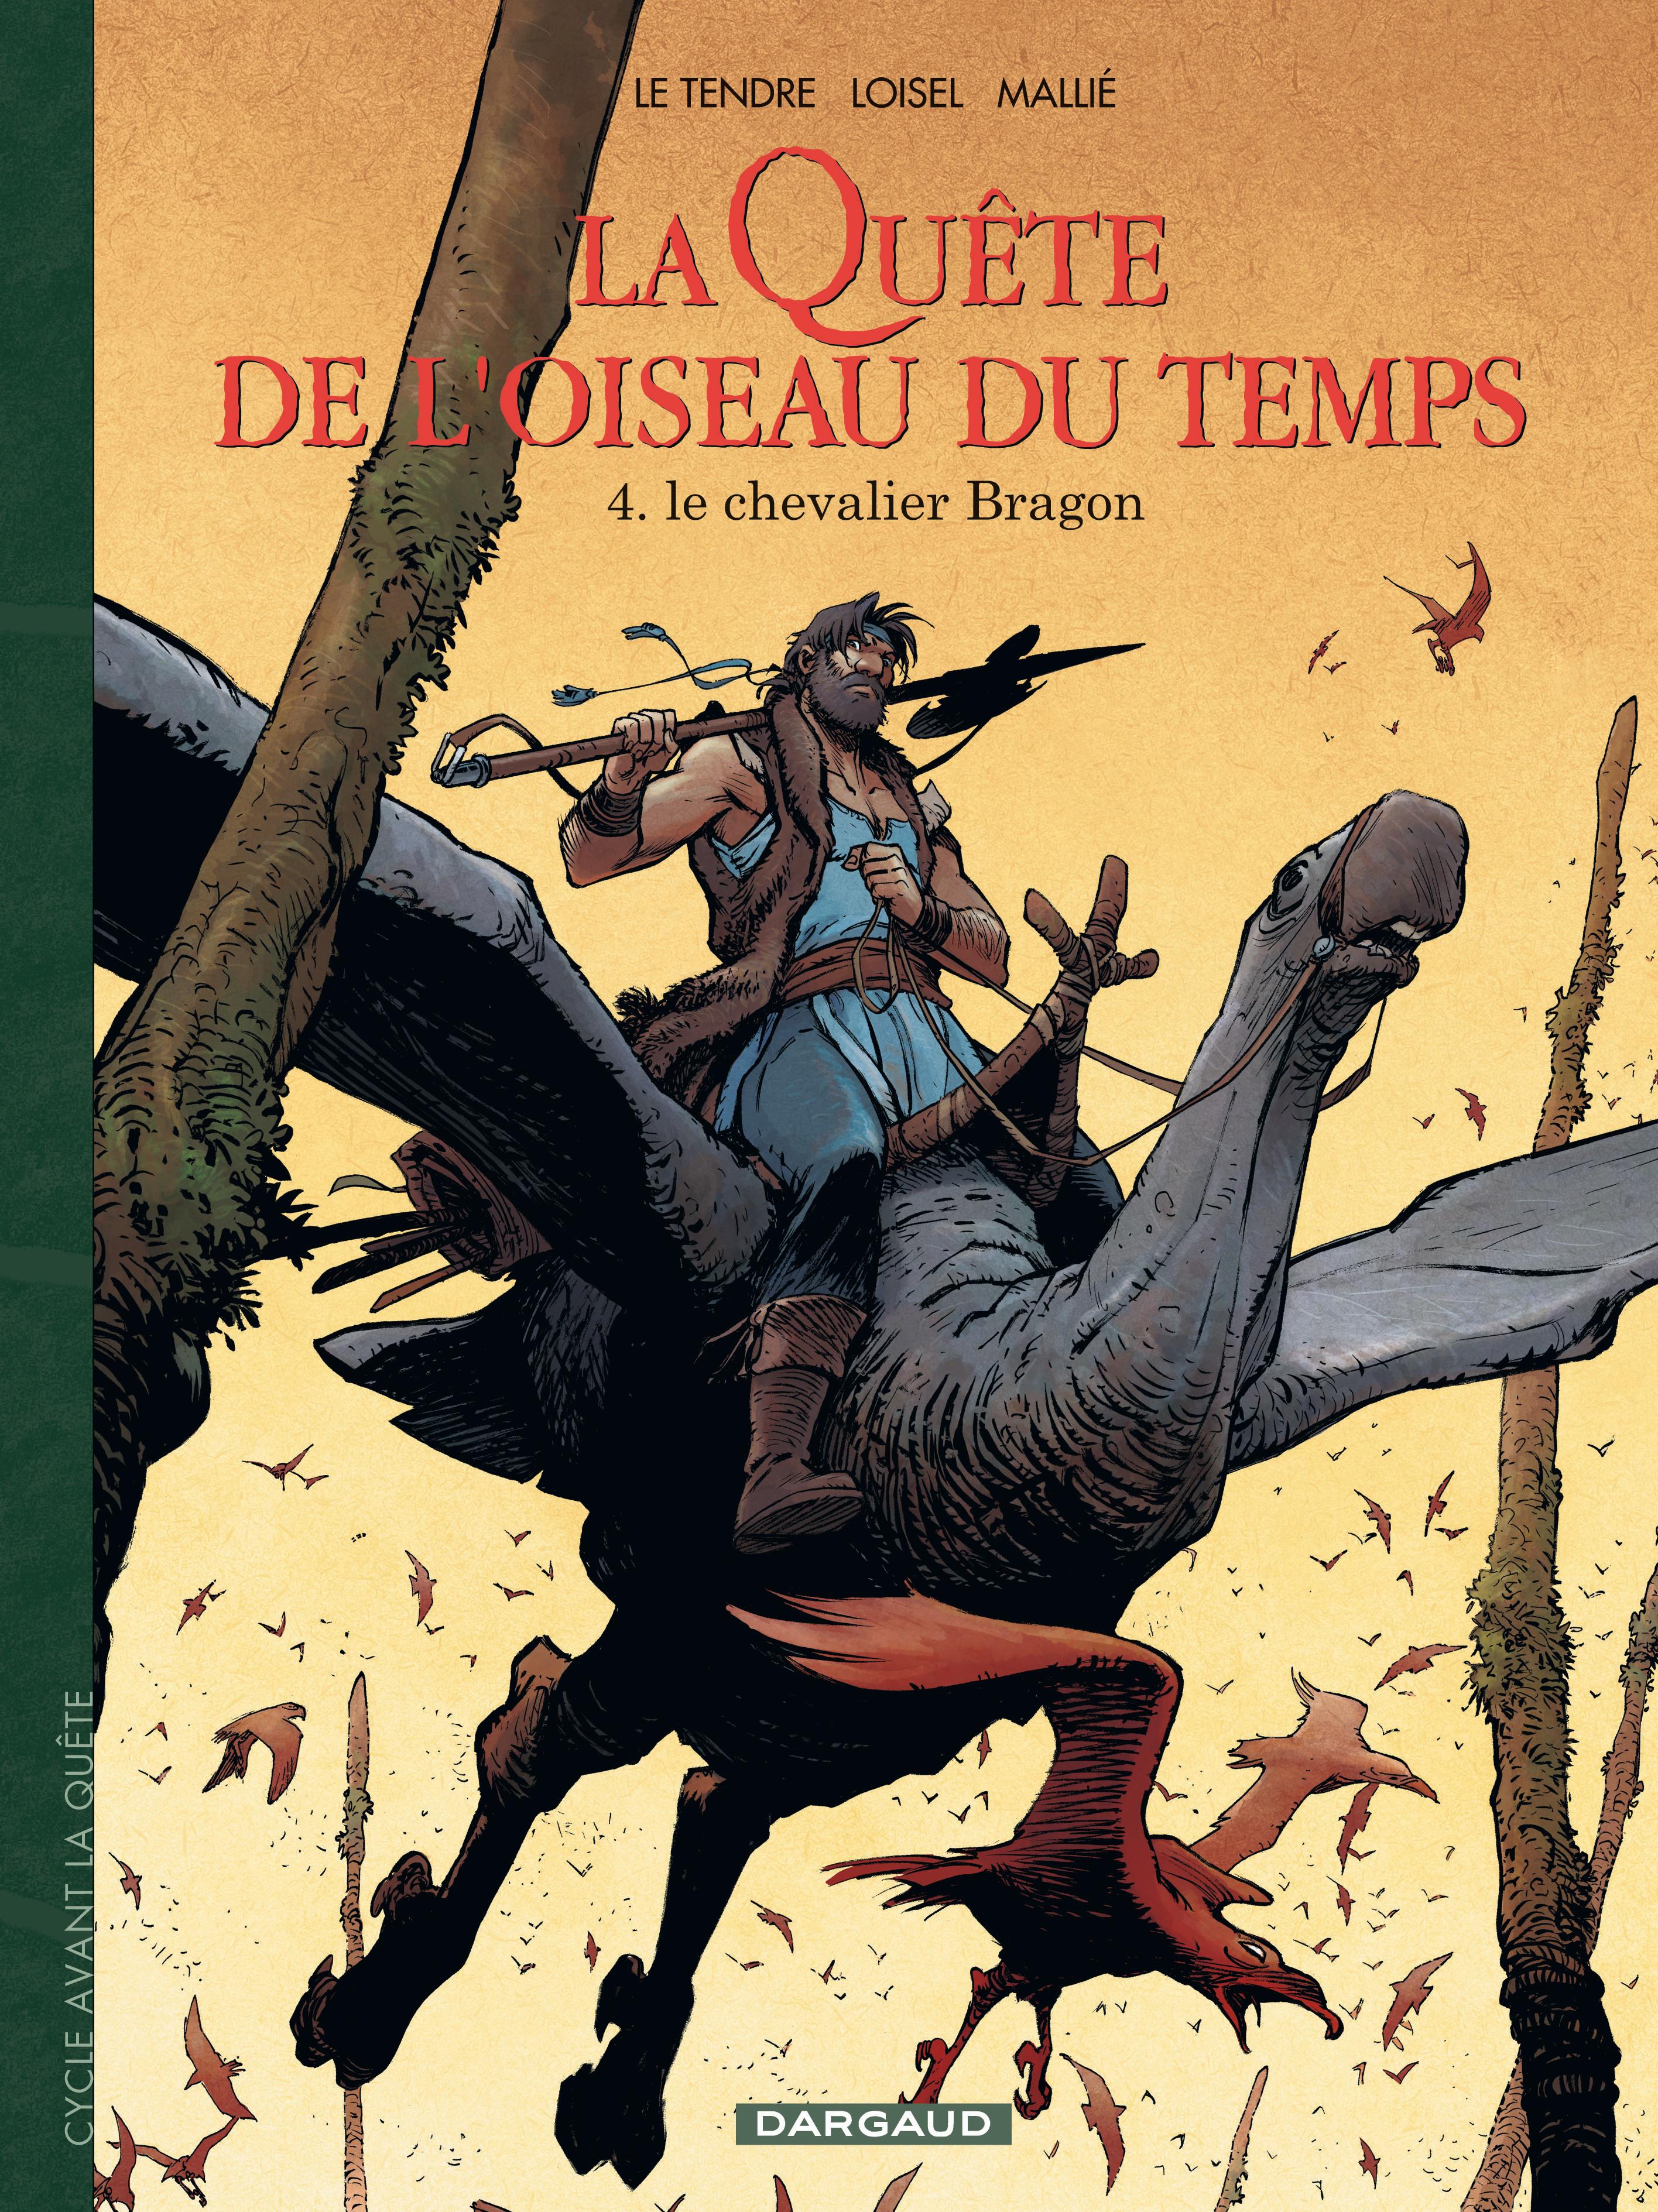 la-quete-de-l-oiseau-du-temps-bd-volume-8-simple-2001-49745.jpg